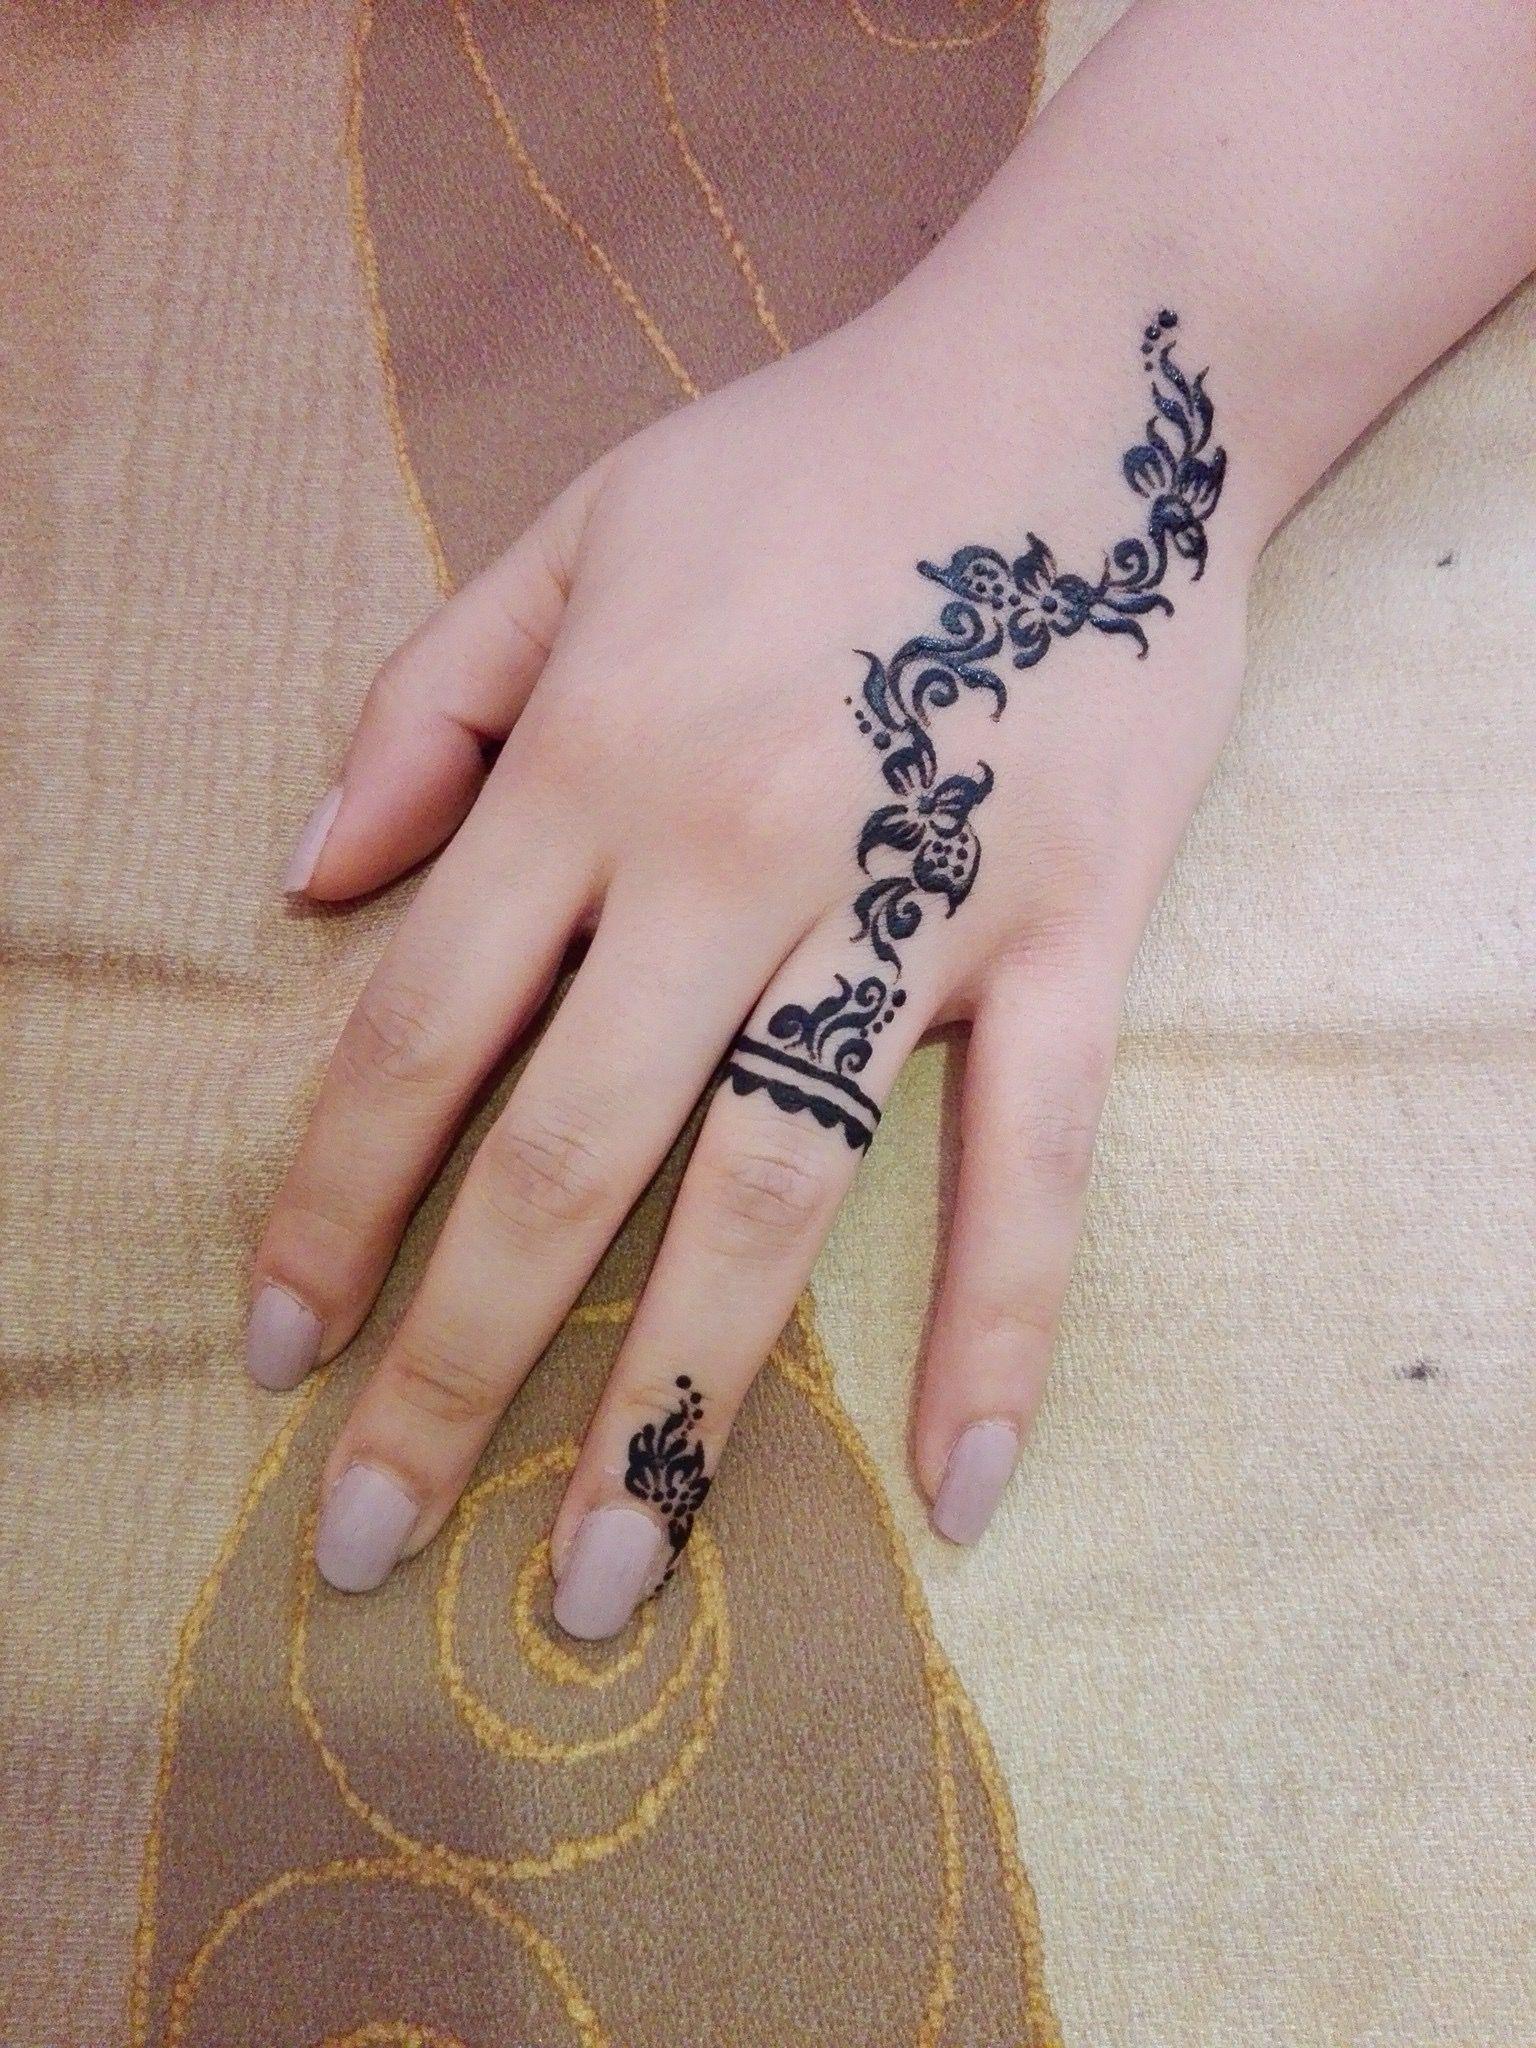 Stylish Henna Henna Tattoo Designs Henna Designs Hand Henna